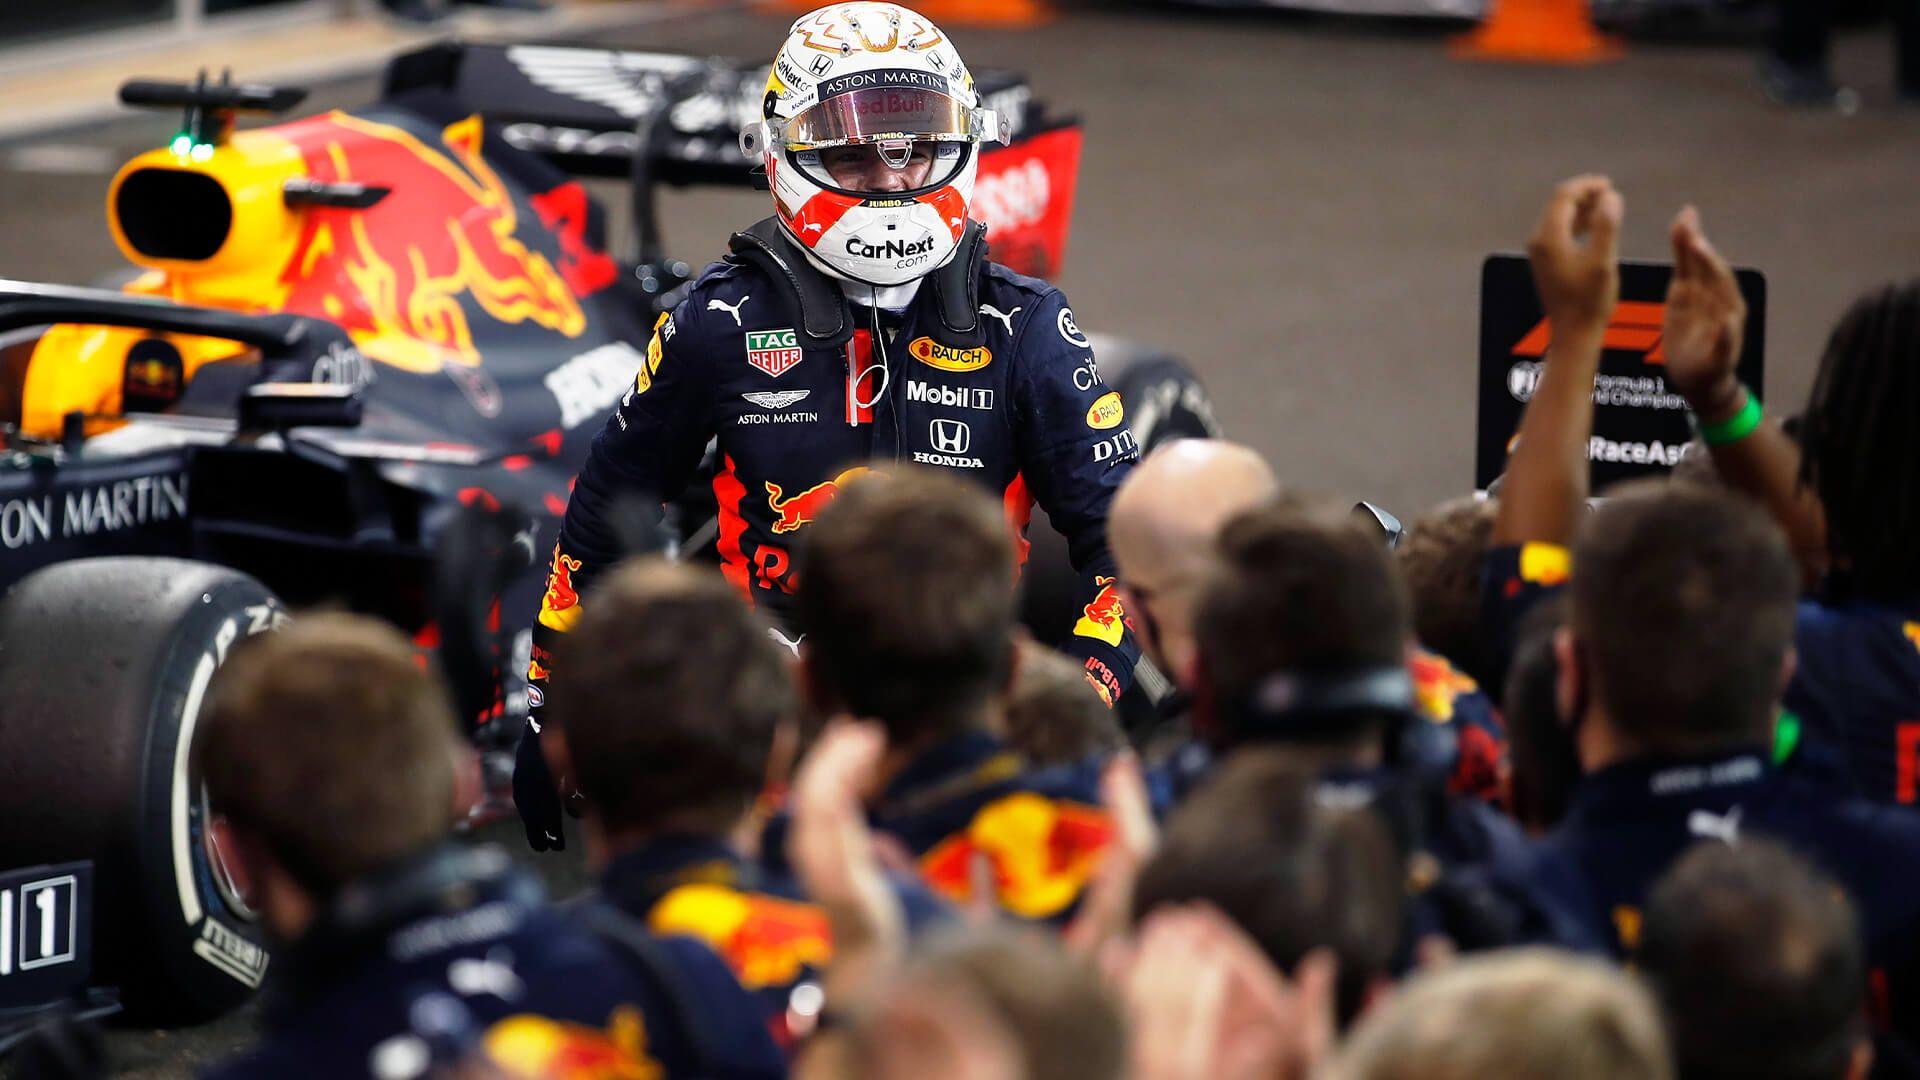 """Verstappen: """"Mi ambición es ganar todas las carreras, estar en la pole siempre y ser campeón del mundo 20 veces"""""""